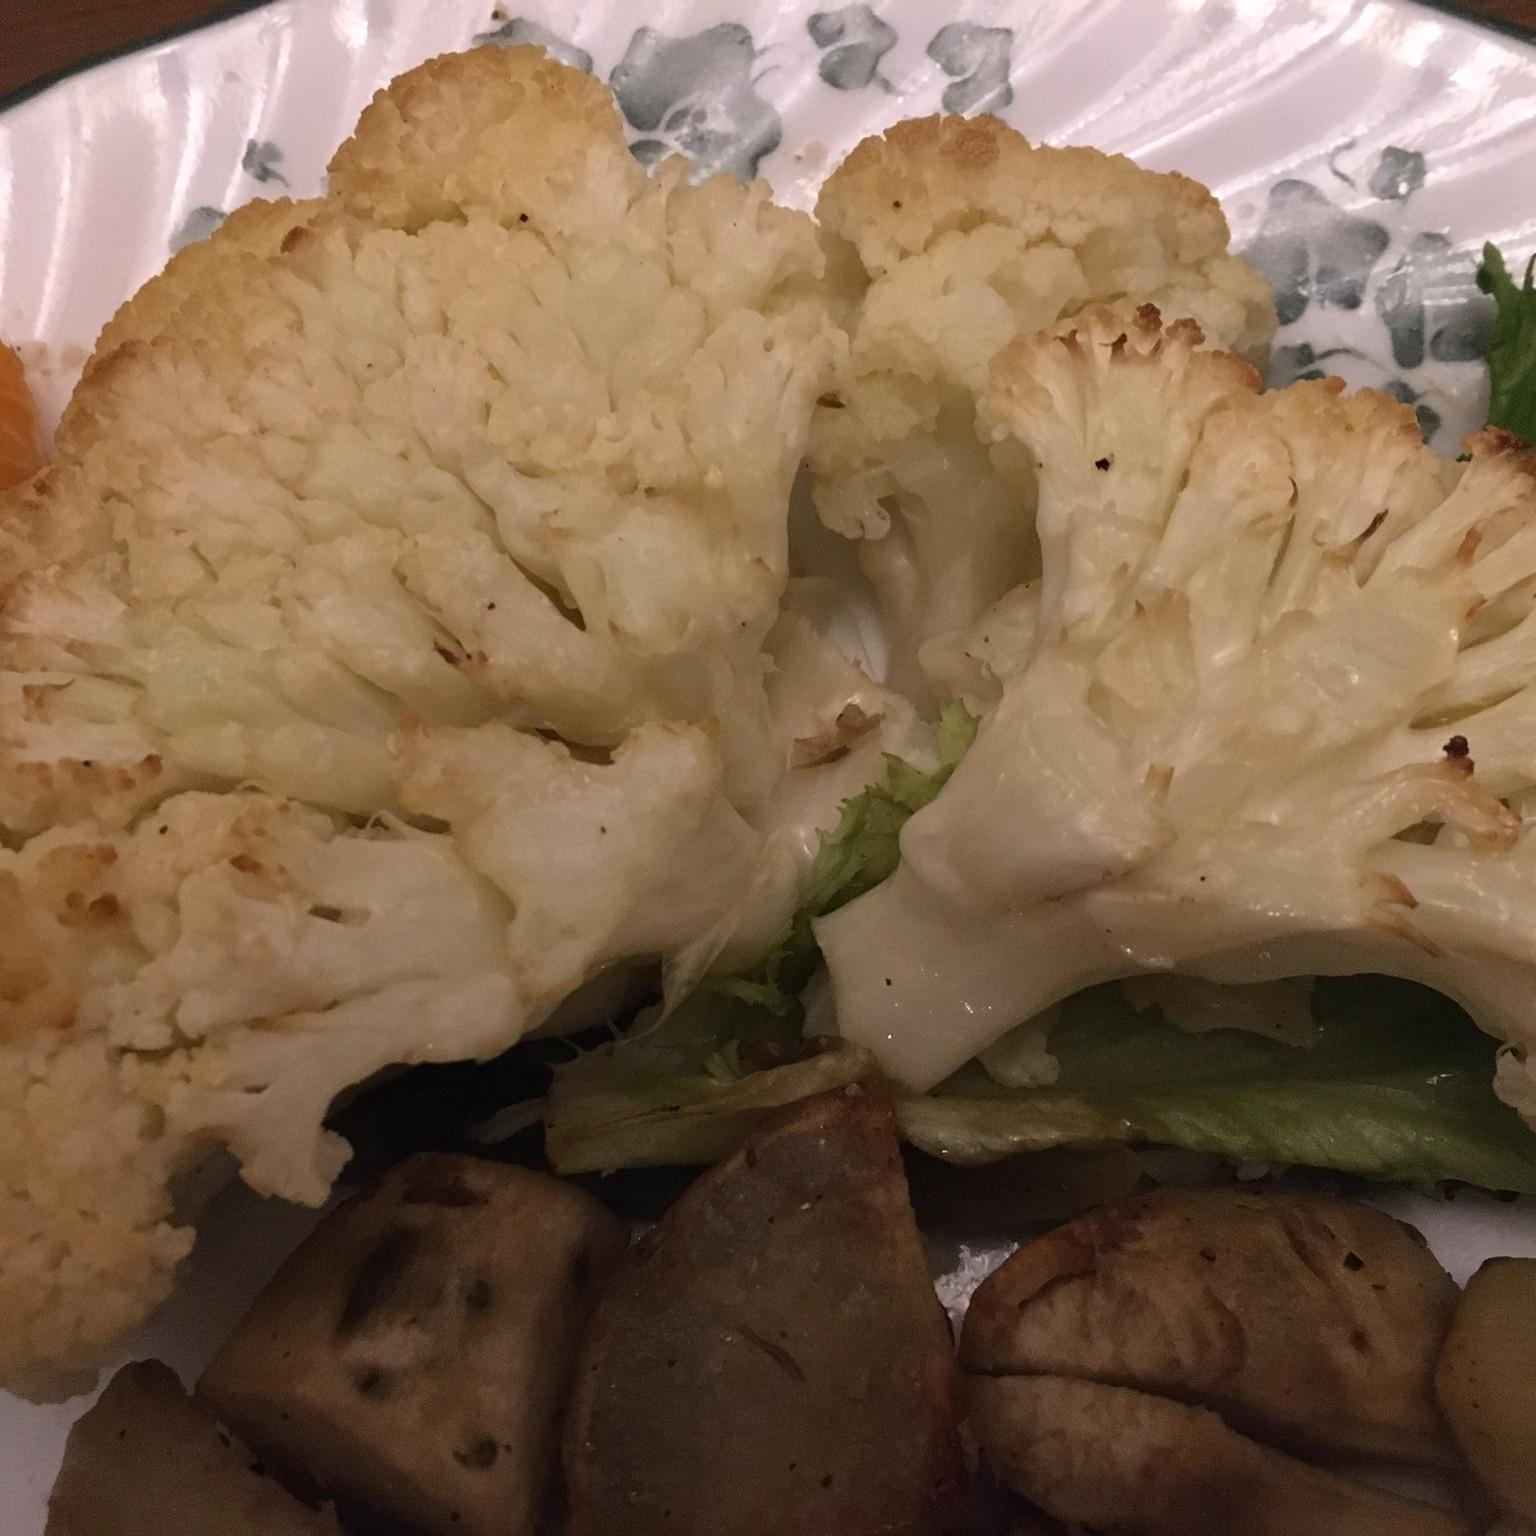 Roasted Cauliflower 'Steaks'